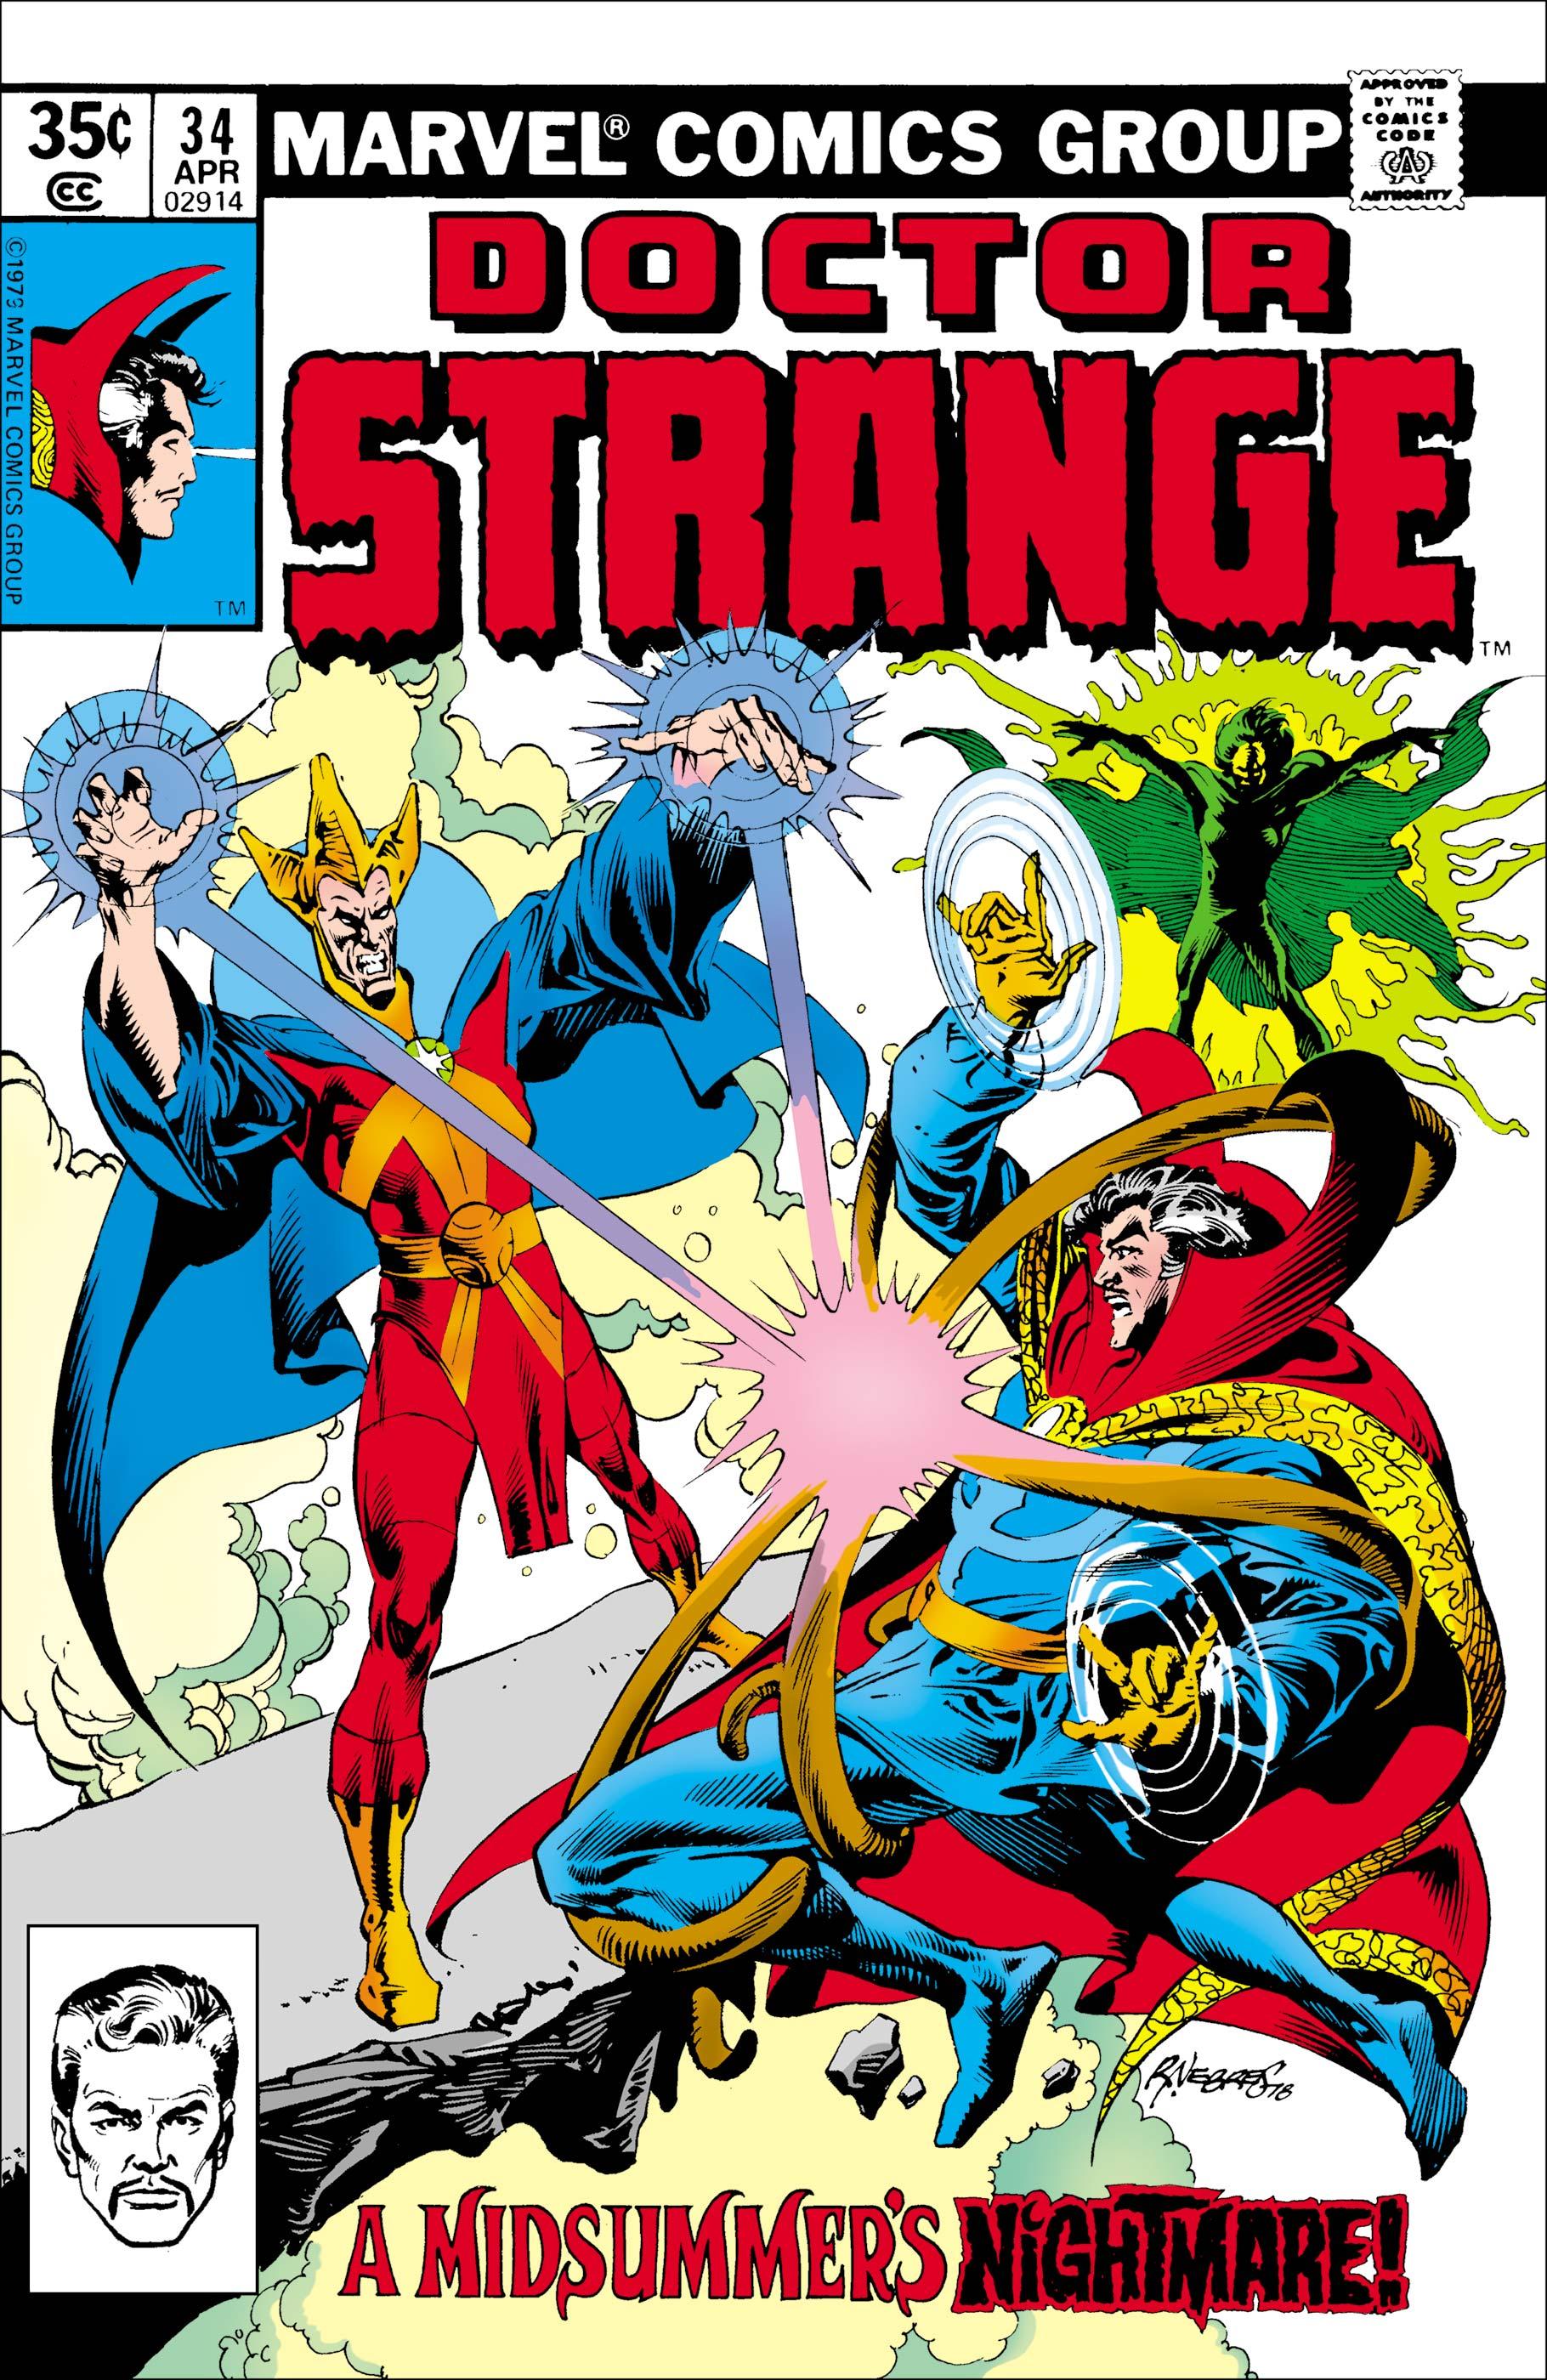 Doctor Strange (1974) #34